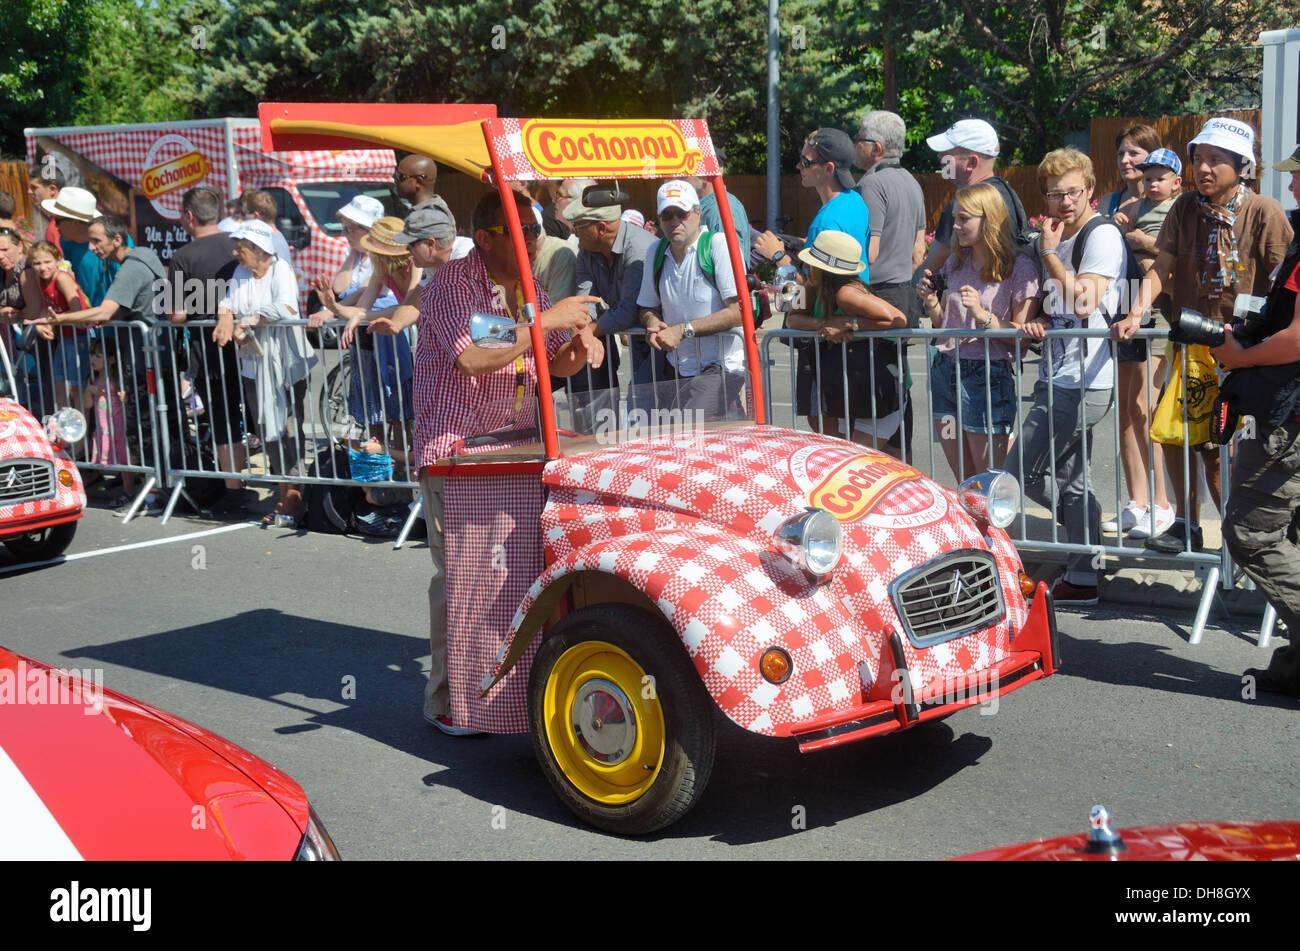 Modificato Citroen 2CV o auto personalizzata come veicolo pubblicitario durante il Tour de France Aix-en-Provence Francia Immagini Stock